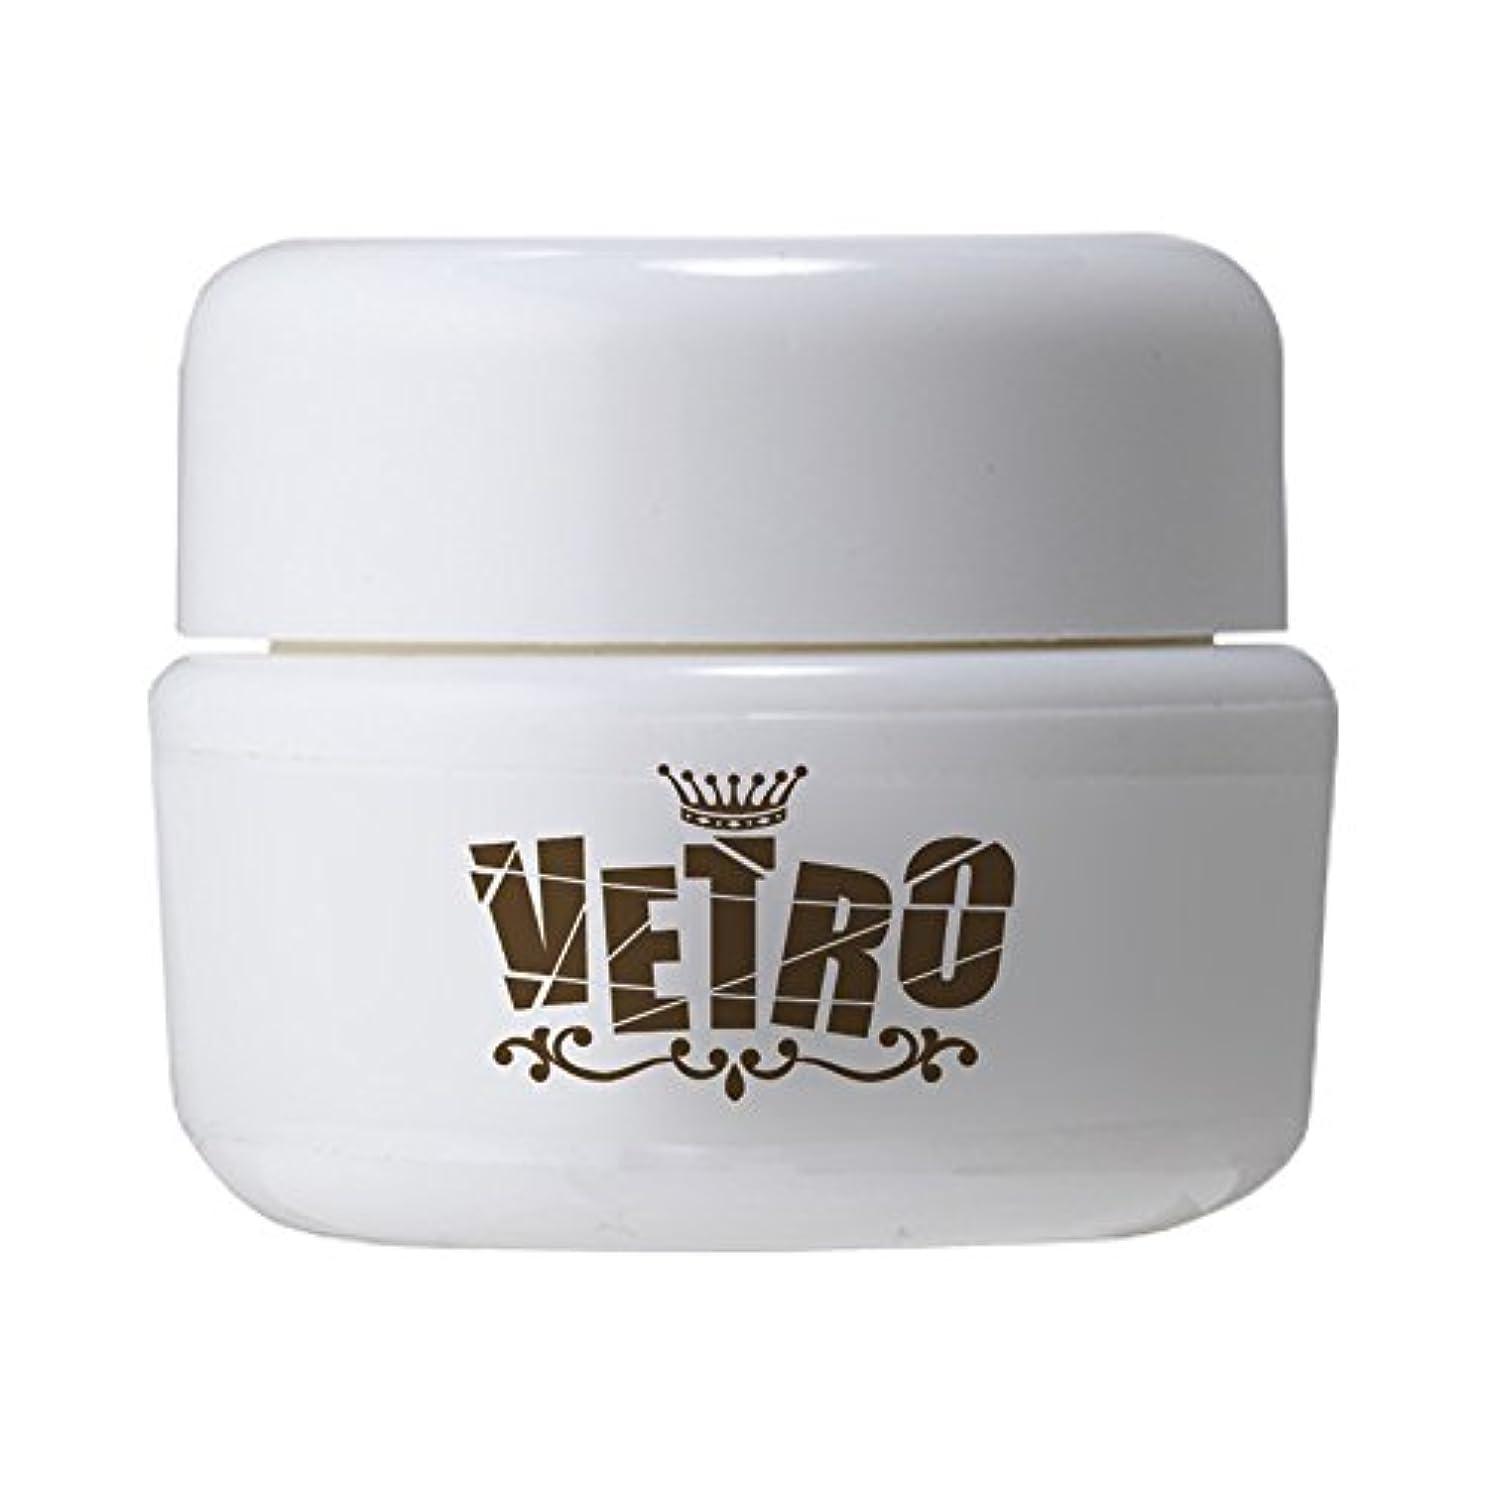 の今晩鎖VETRO カラージェル VL346 アポロ 4ml UV/LED対応 ソークオフジェル グリッター 偏光ピンクグリッター